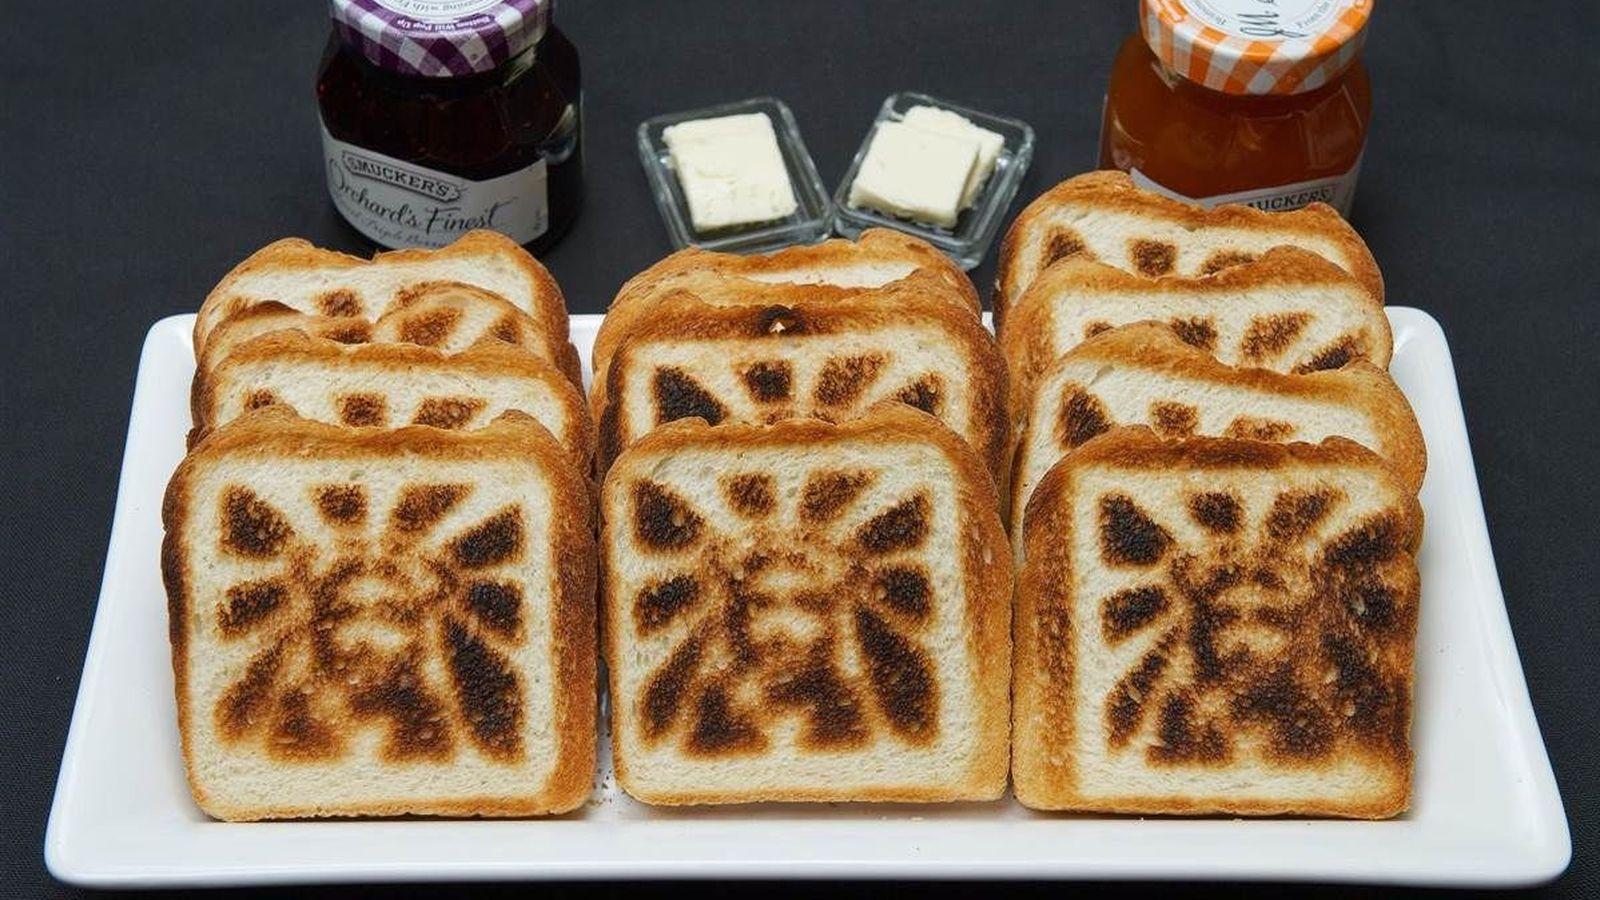 ves-la-cara-de-jesus-en-las-tostadas-tranquilo-no-estas-demasiado-loco.jpg?mtime=1457098958